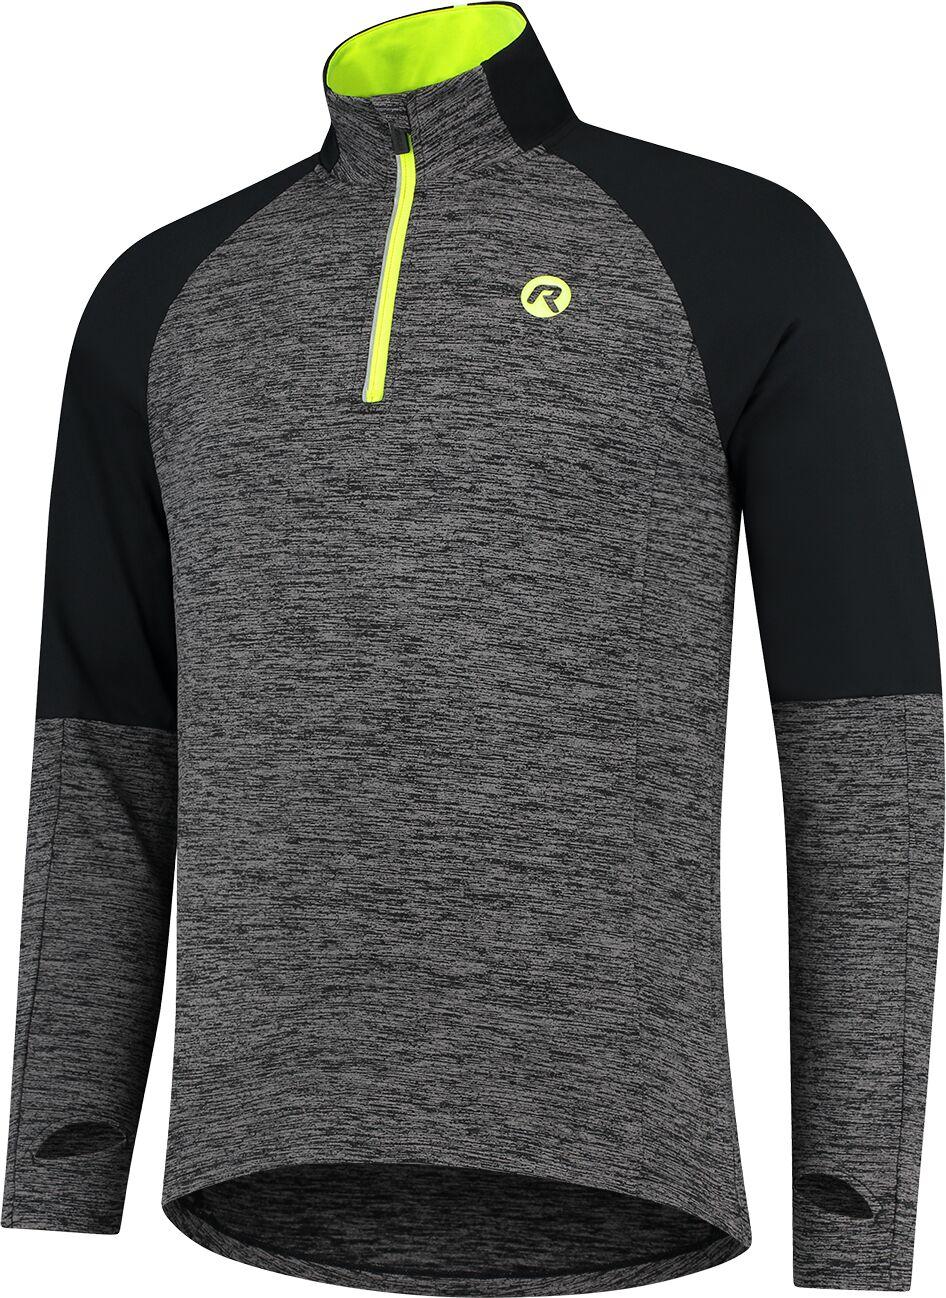 ROGELLI męska bluza do biegania ENJOY black/grey ROG351102 Rozmiar: S,ROG351102.S